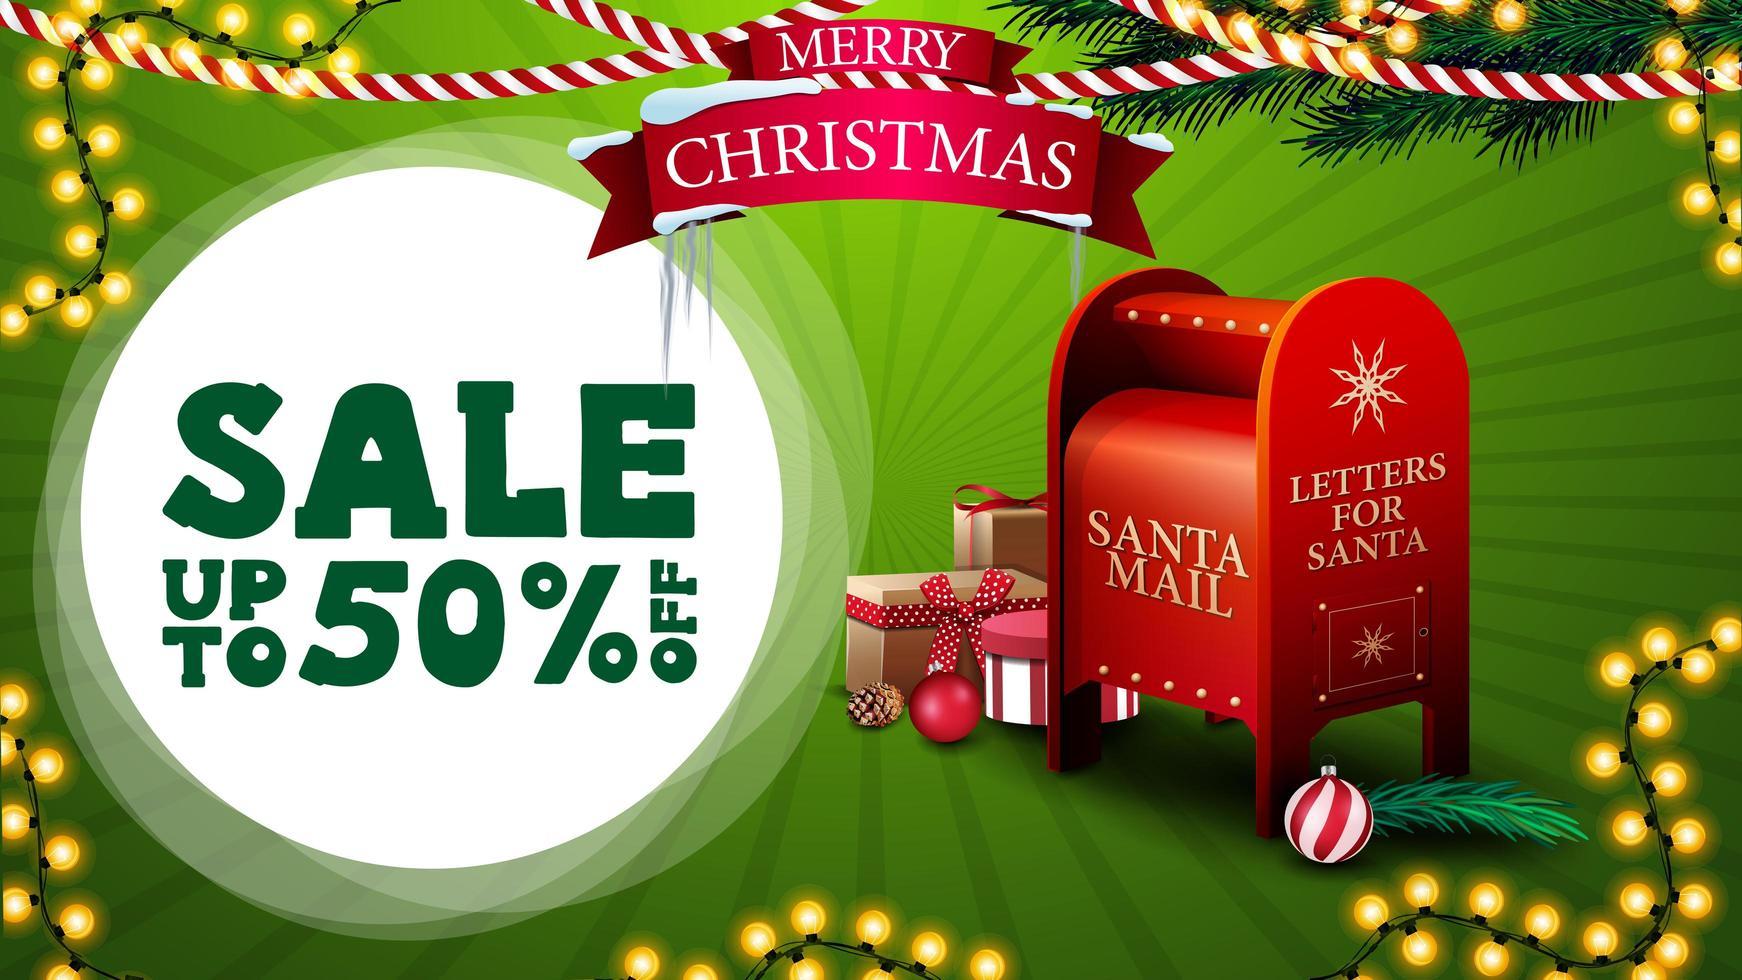 vente de Noël, jusqu'à 50 de réduction, bannière de réduction verte pour site Web avec guirlandes, logo avec ruban, branches d'arbre de Noël et boîte aux lettres du père Noël avec des cadeaux vecteur